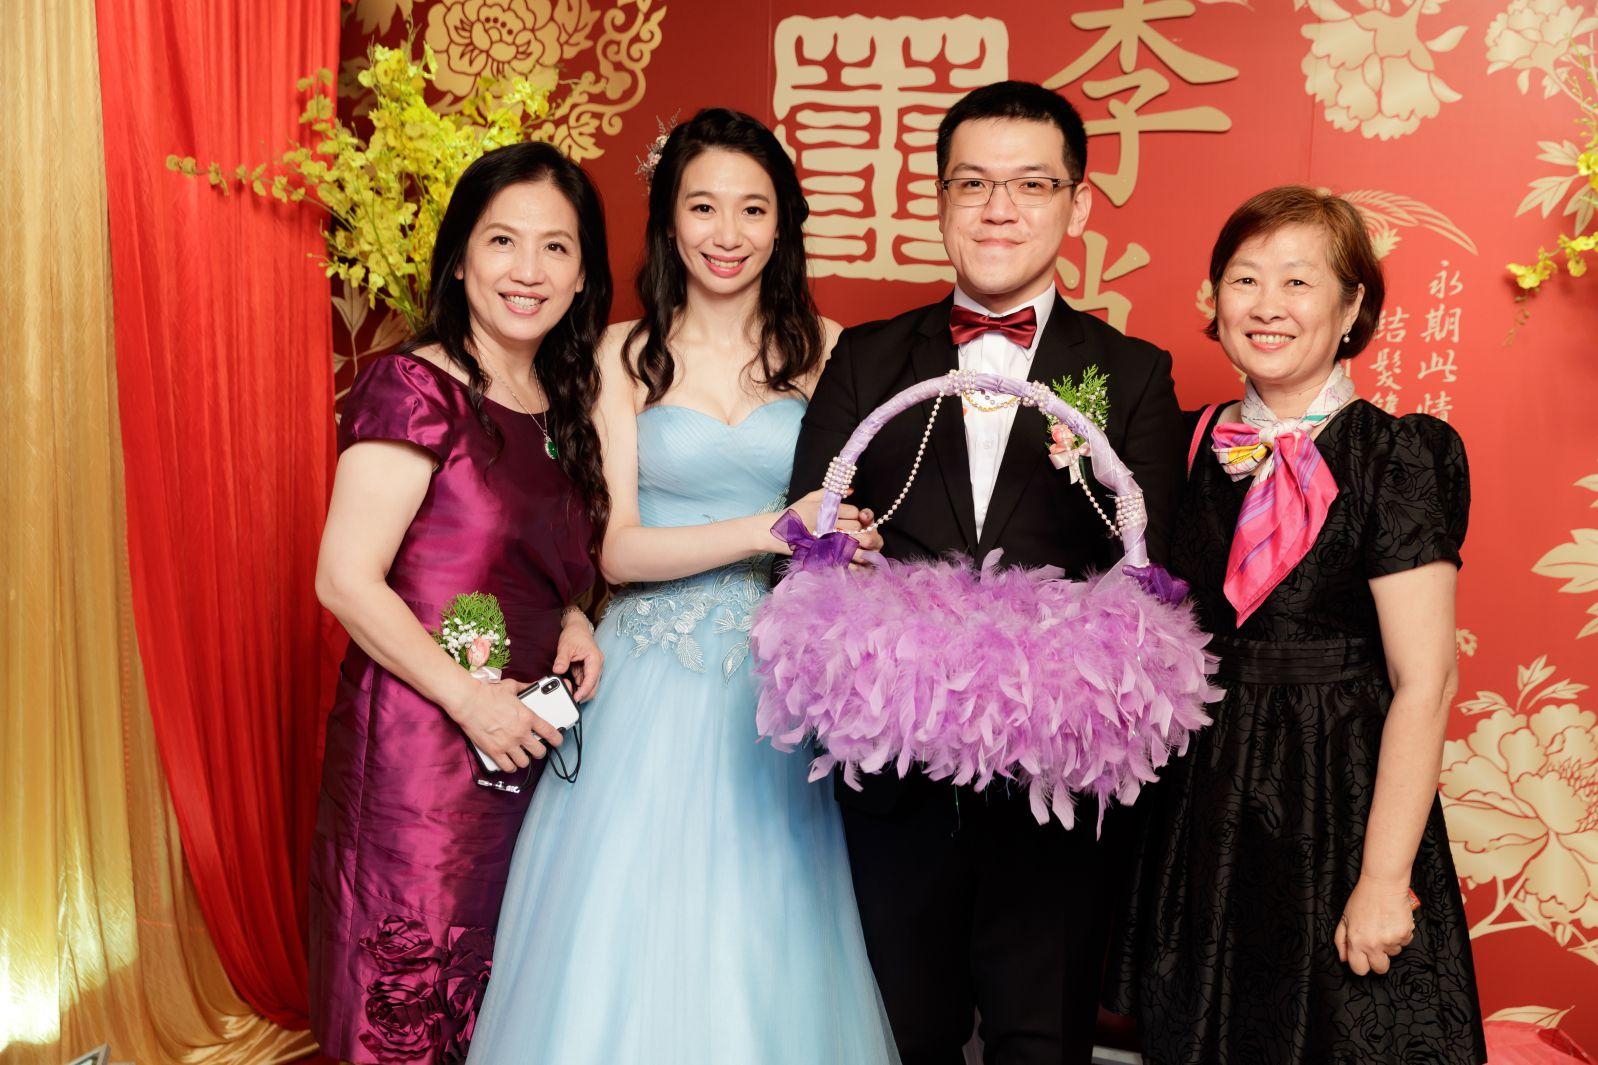 婚禮合照, 婚攝森森, 婚攝推薦, 台北高雄婚攝